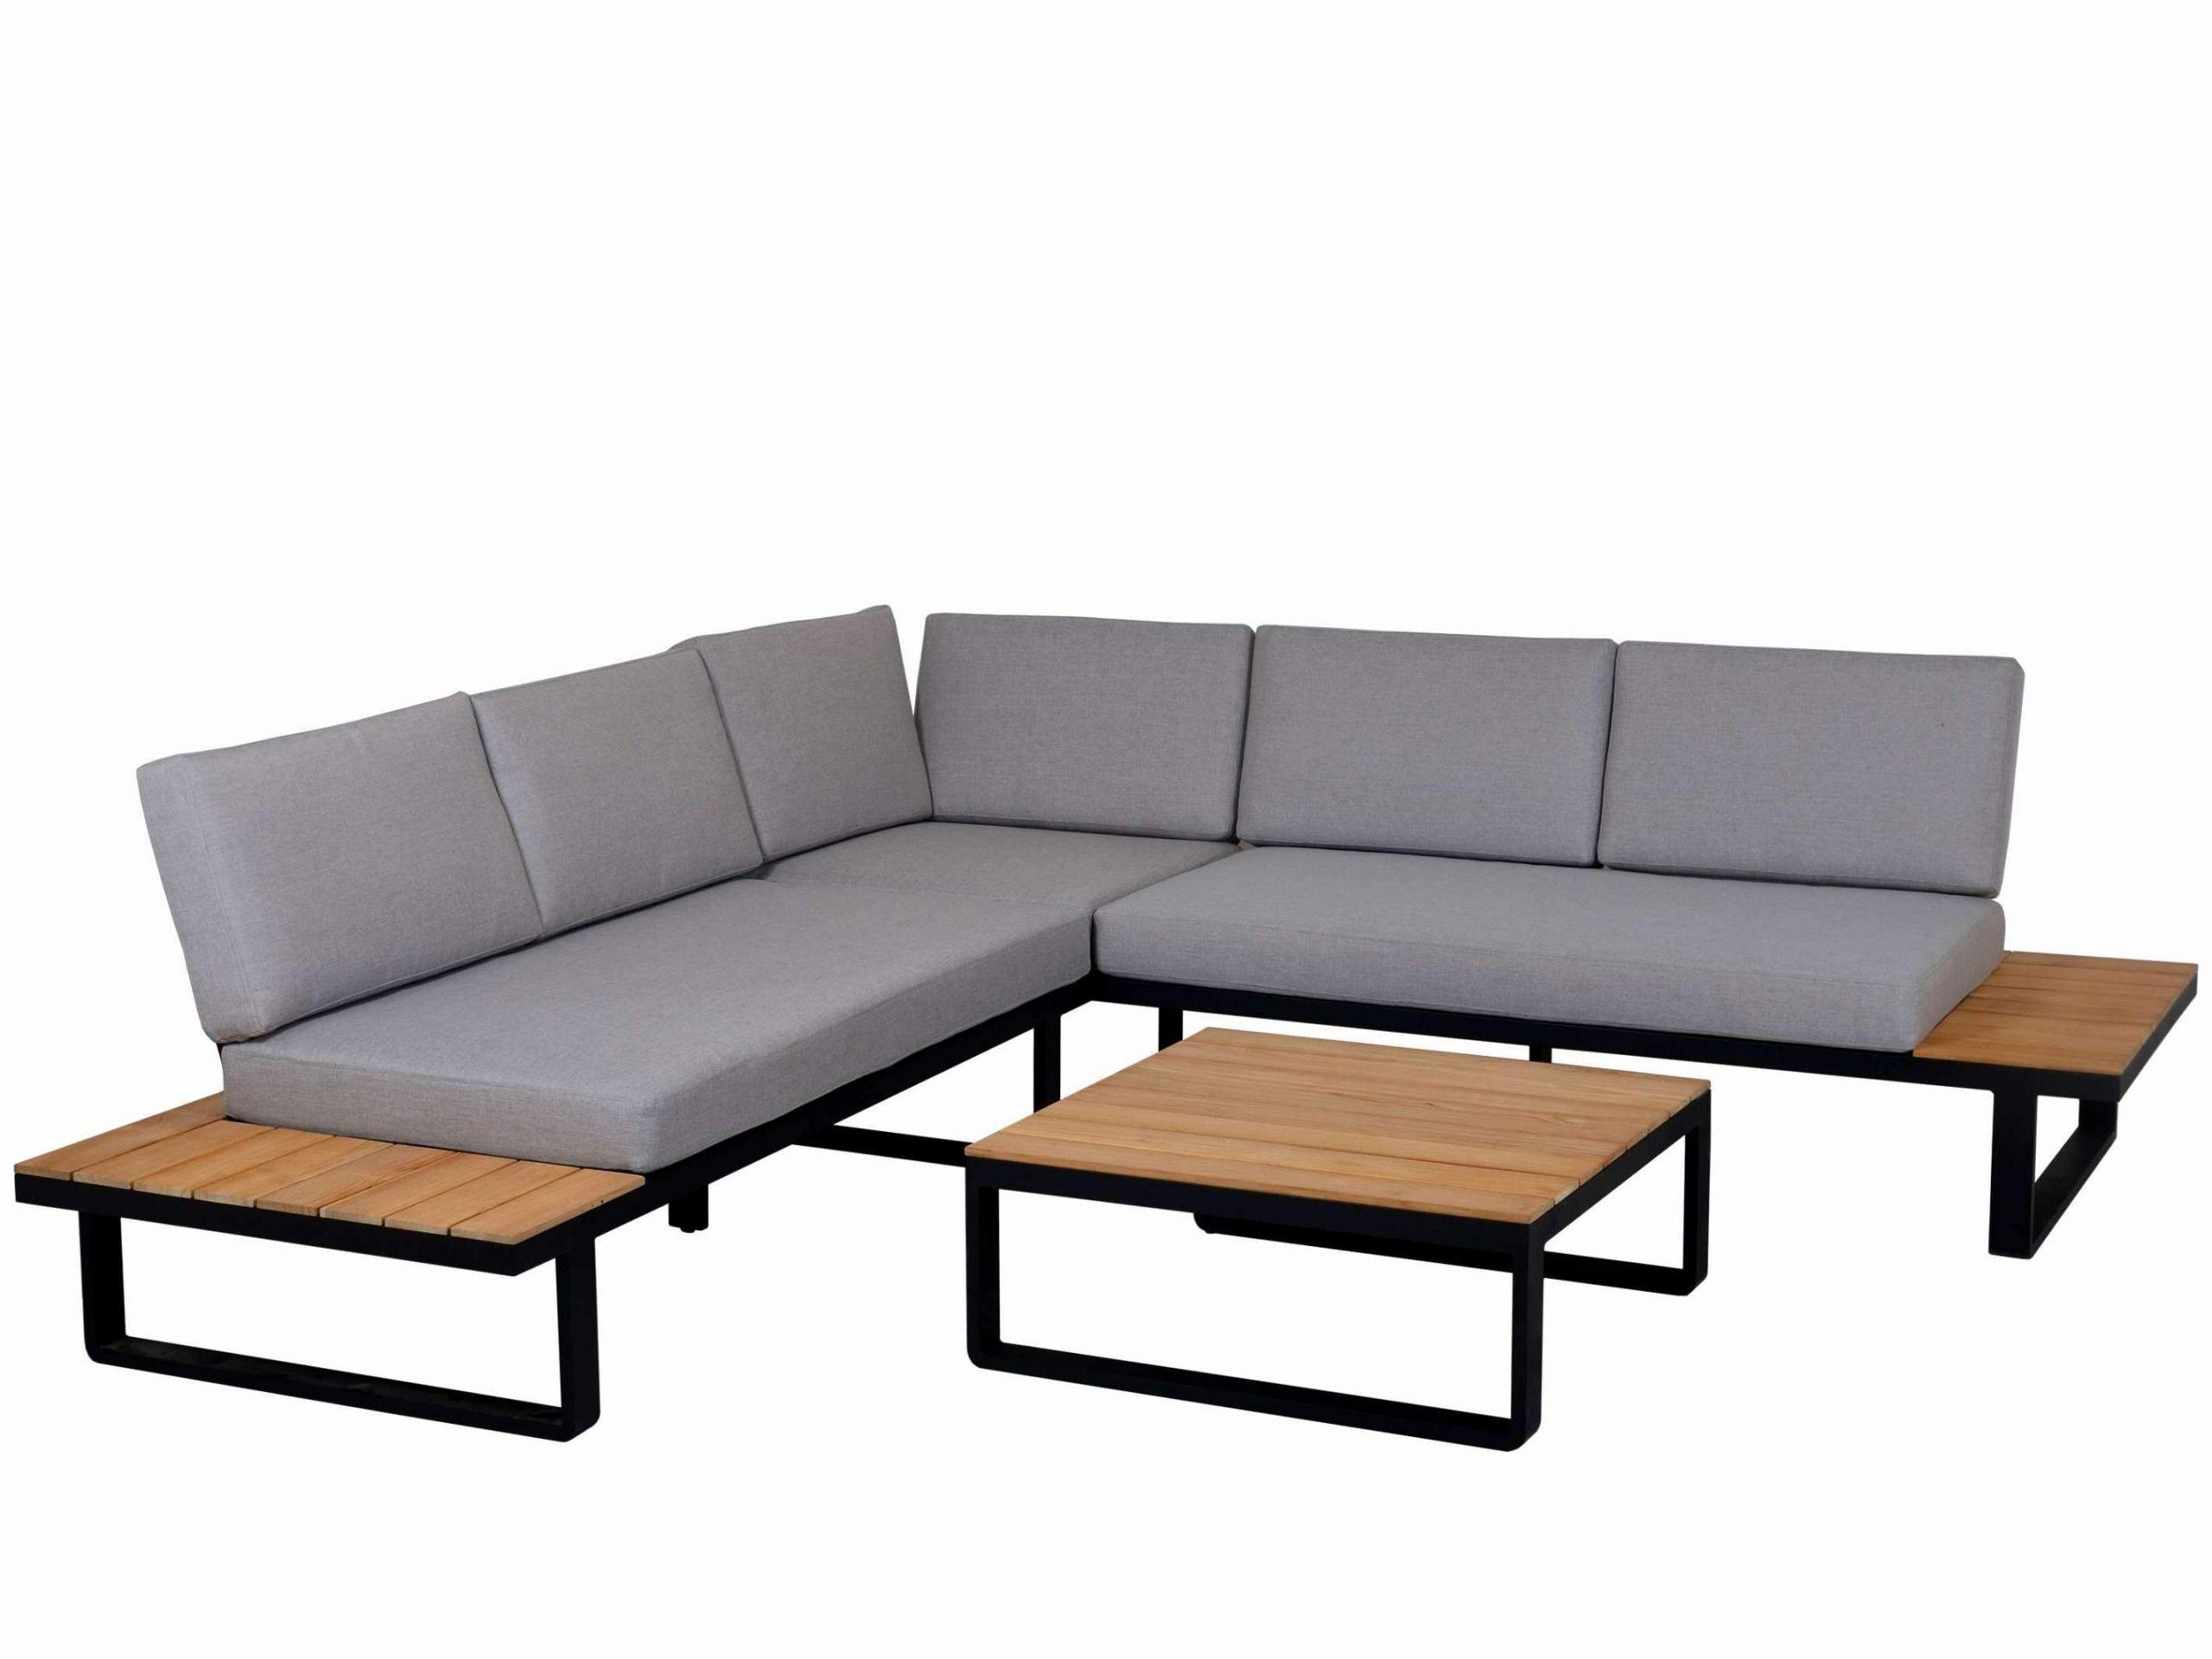 Garten Lounge Sessel Schön 42 Von Loungesessel Polyrattan Ideen